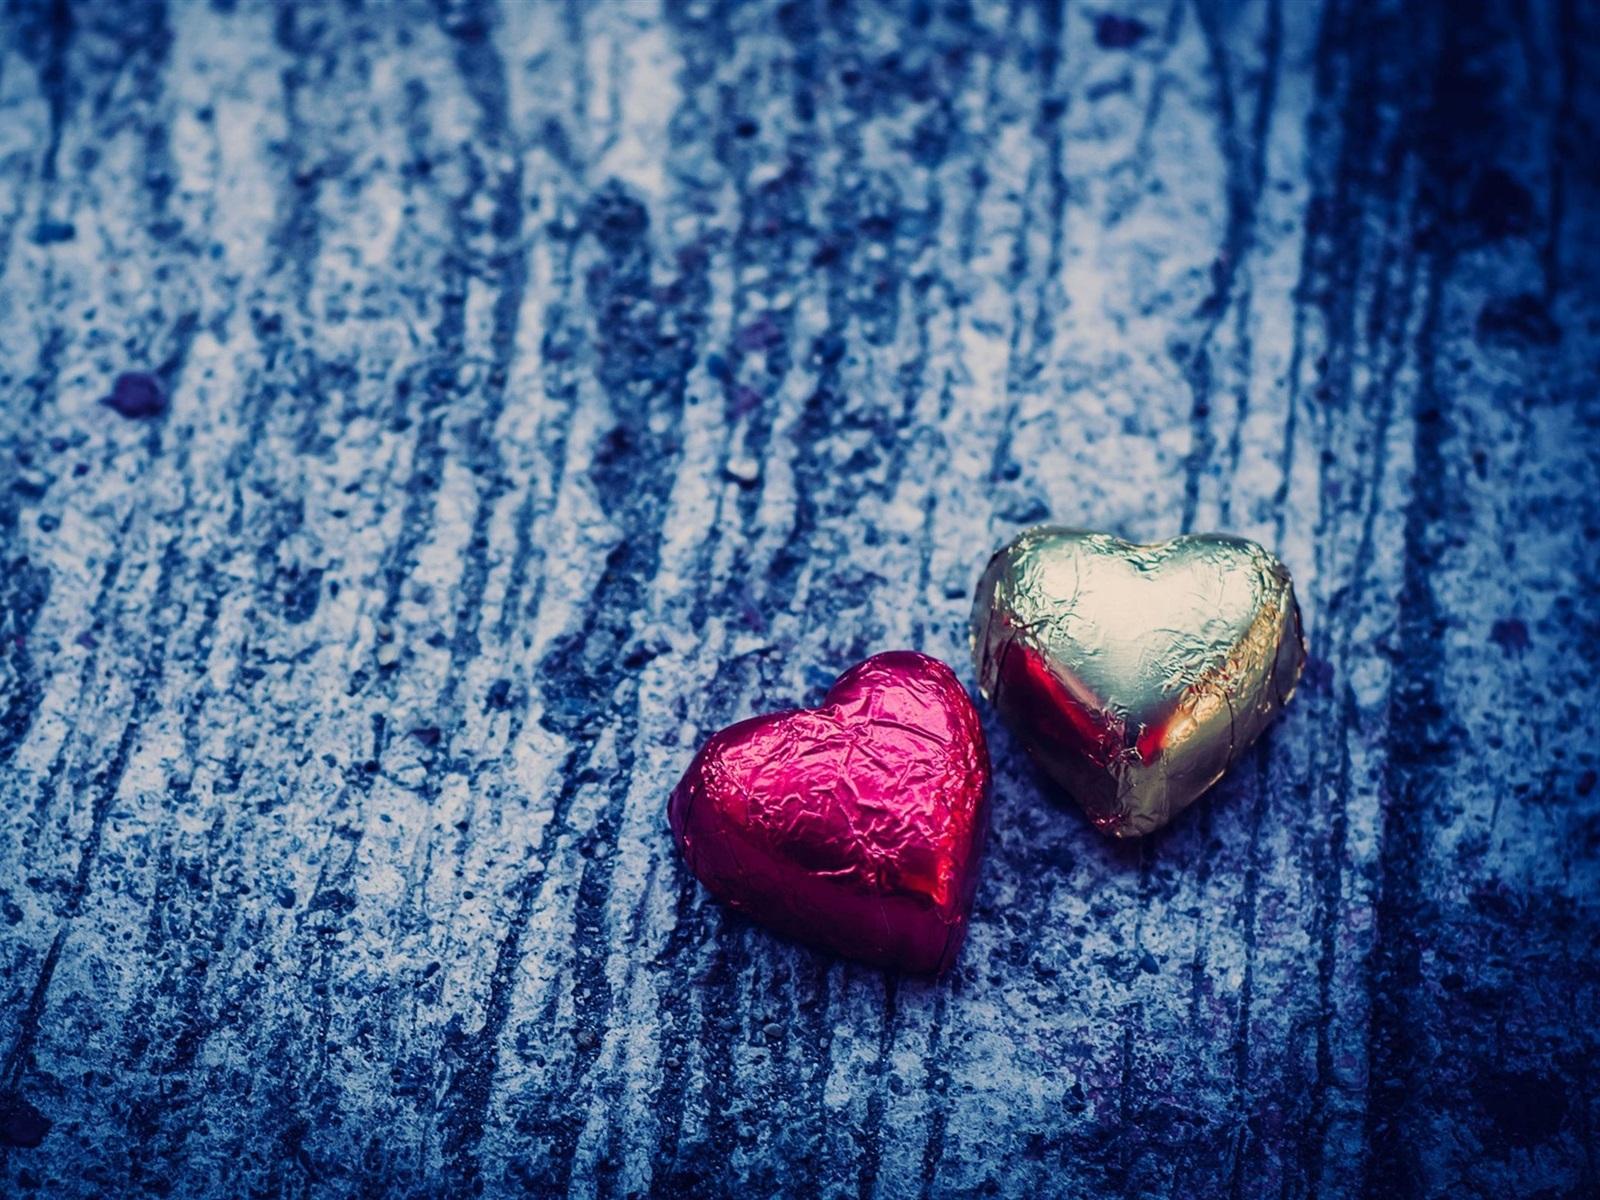 Fondos De Pantalla De Chocolates: Alimentos, Dulces Chocolates, Corazón Del Amor Fondos De